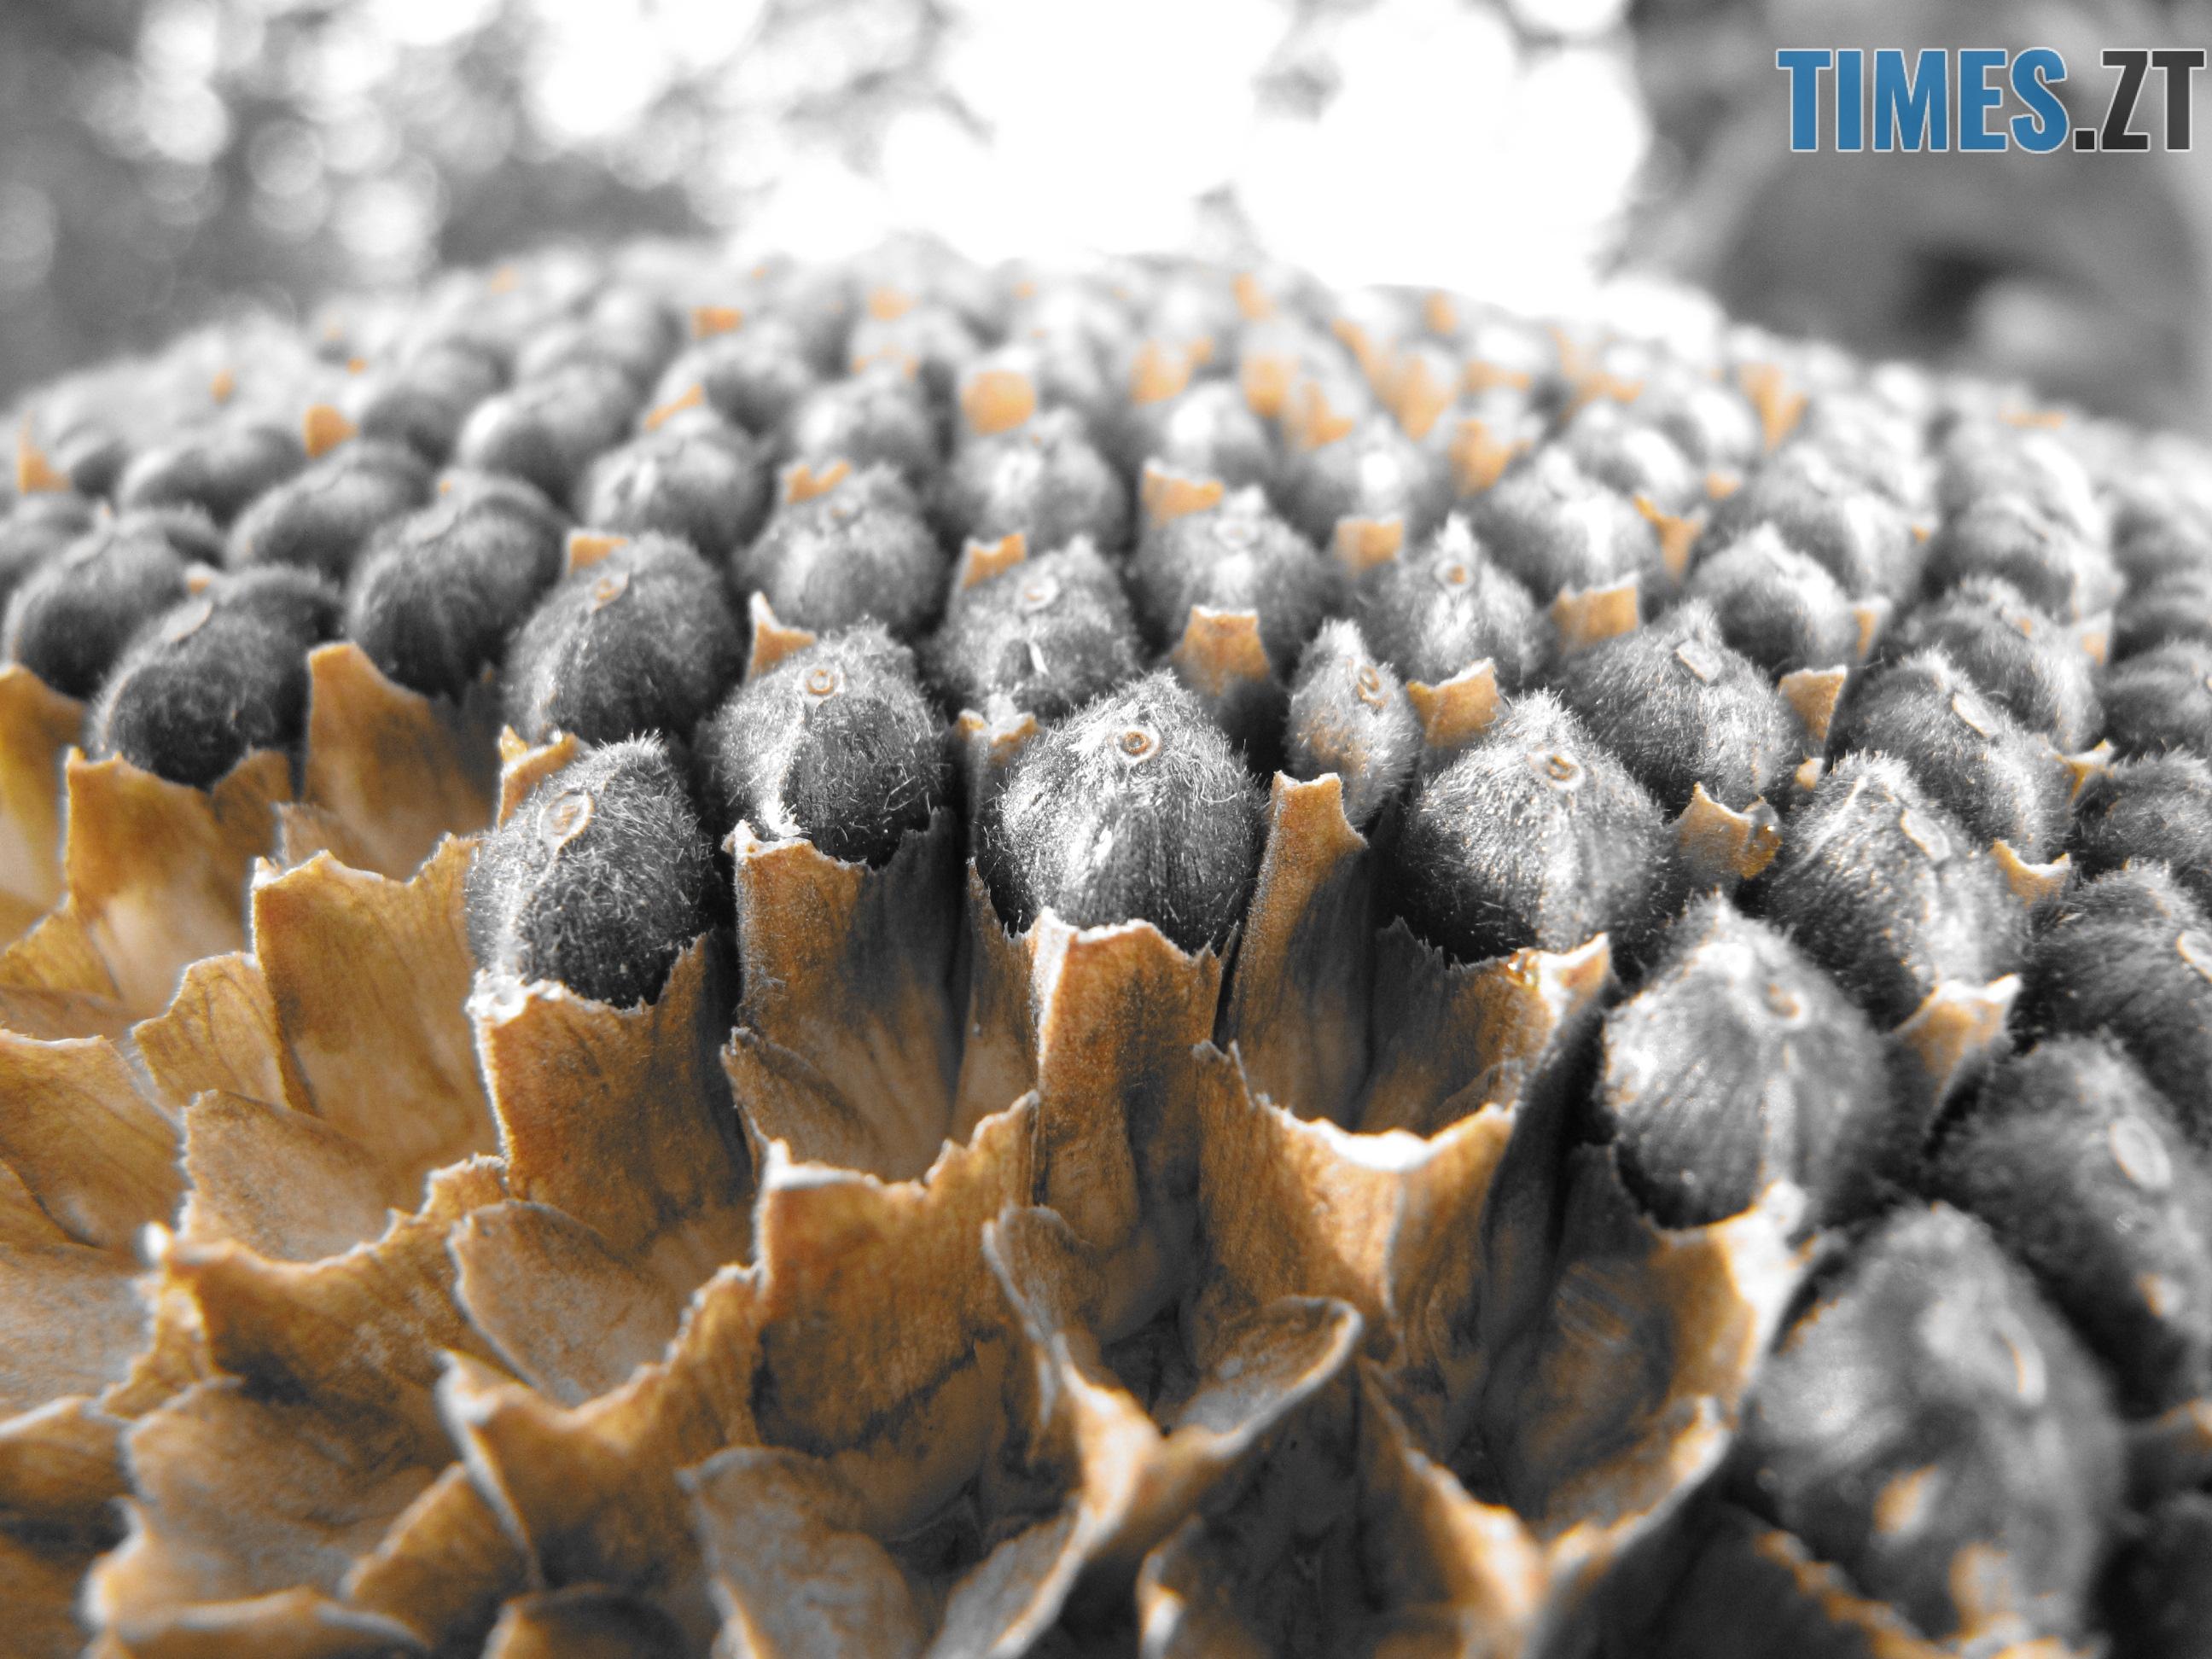 Т. Ріхтер 4 - Осіннє рівнодення: осінь вступила в законні права (ФОТО)